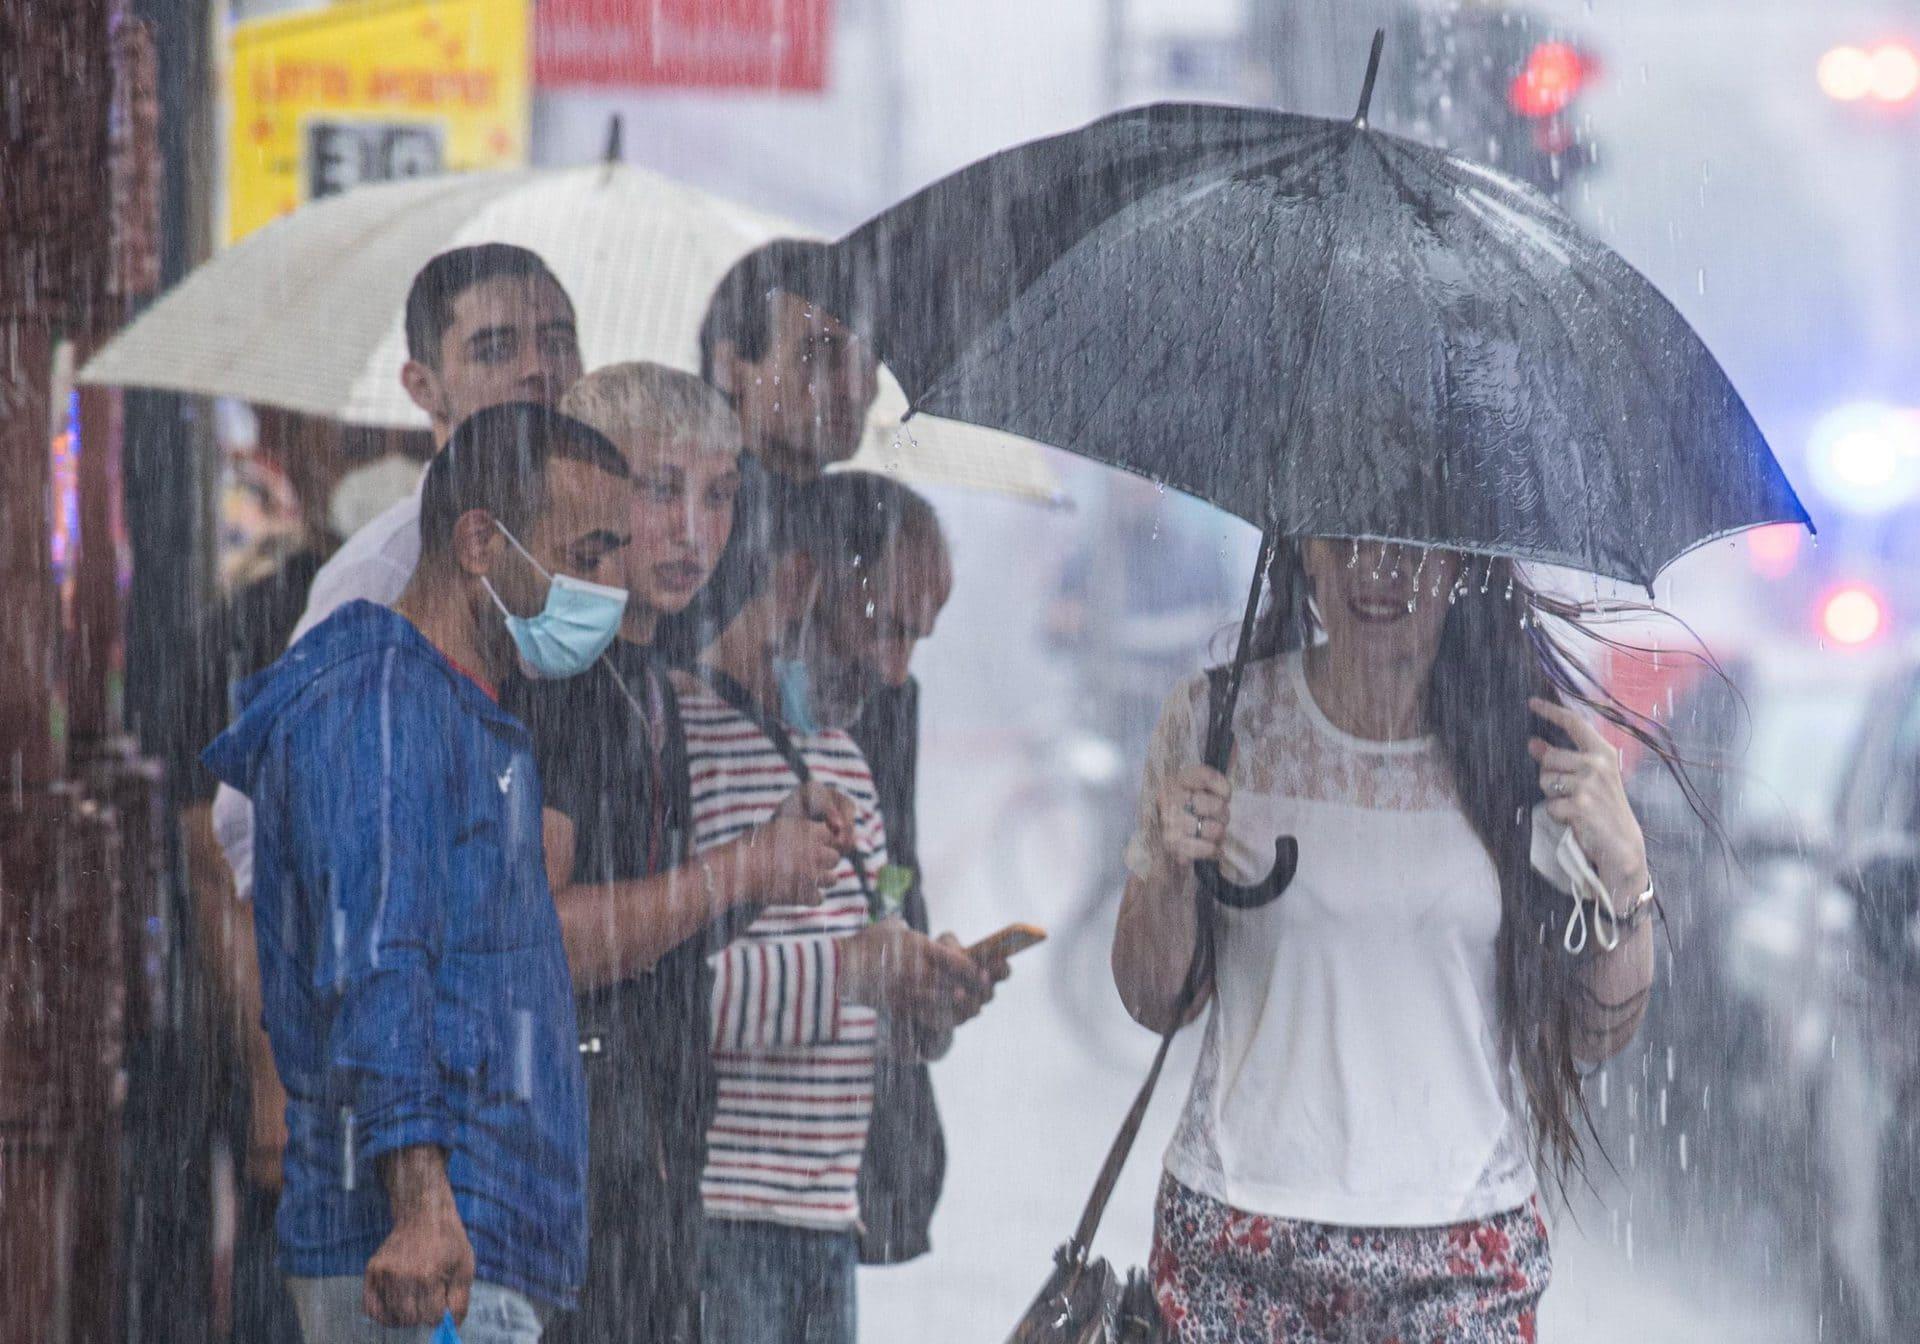 Nach Gewitter-Wochenende: DWD warnt vor weiteren Unwettern Wetter